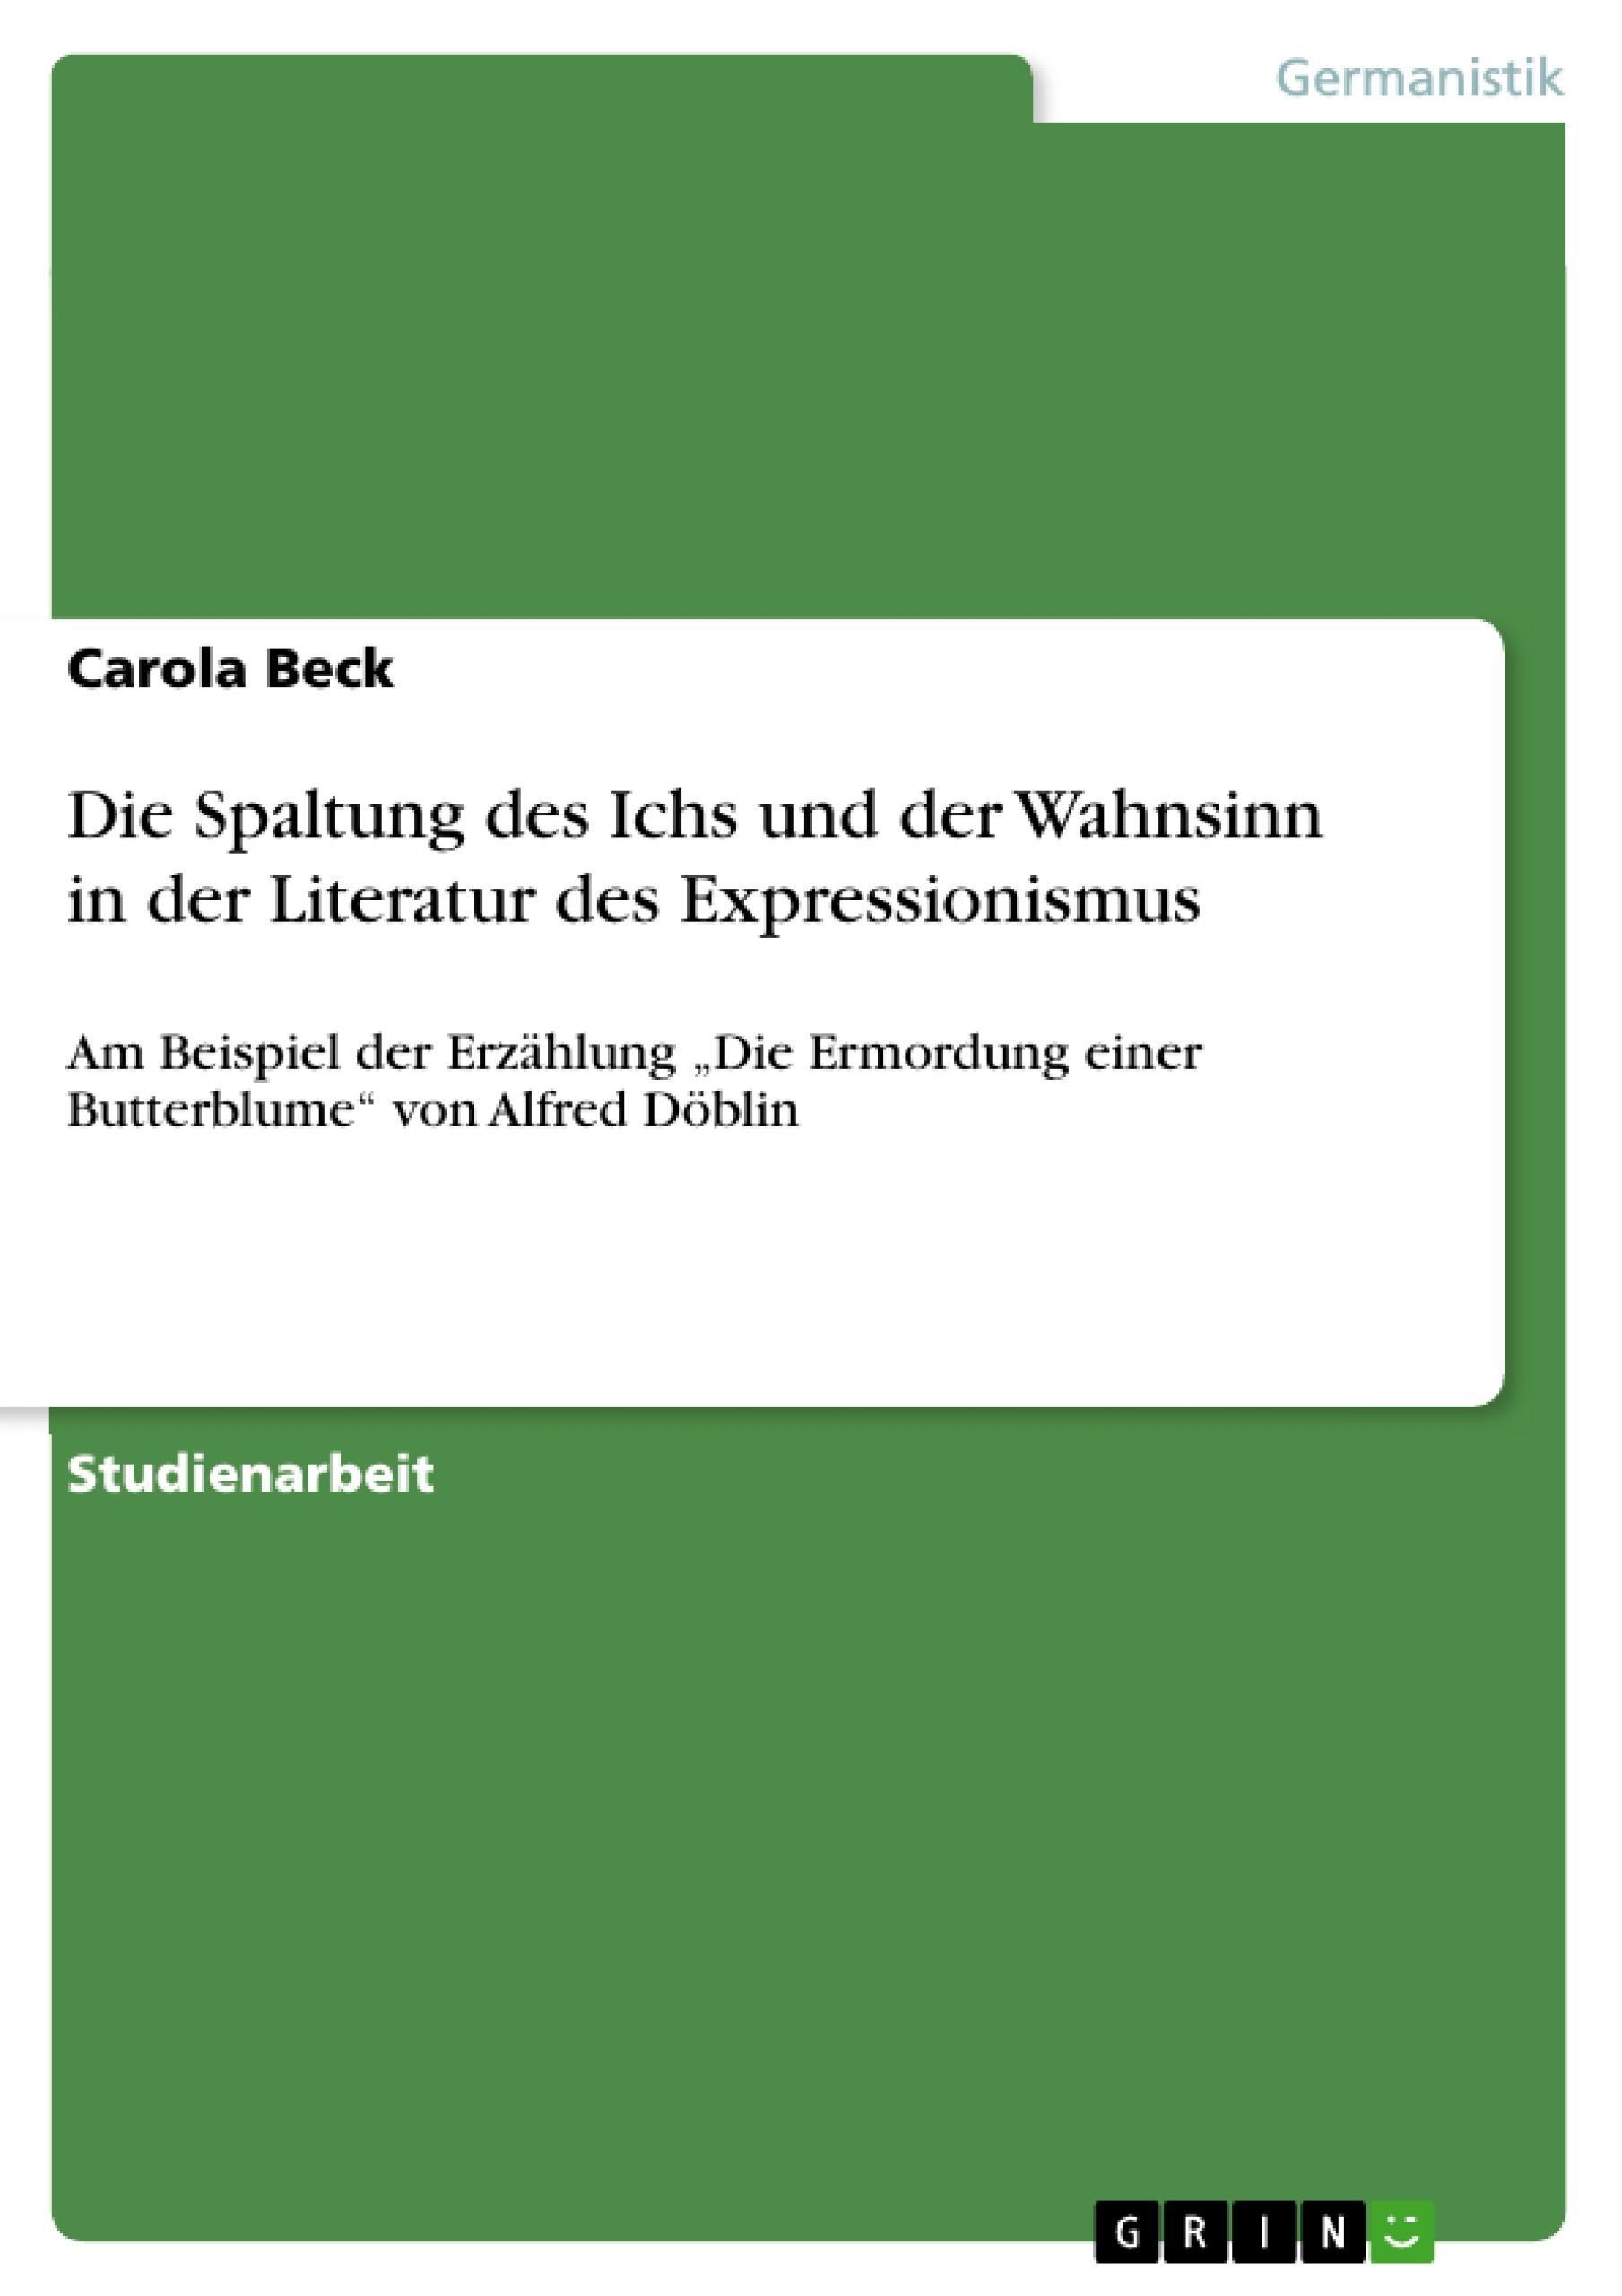 Titel: Die Spaltung des Ichs und der Wahnsinn in der Literatur des Expressionismus